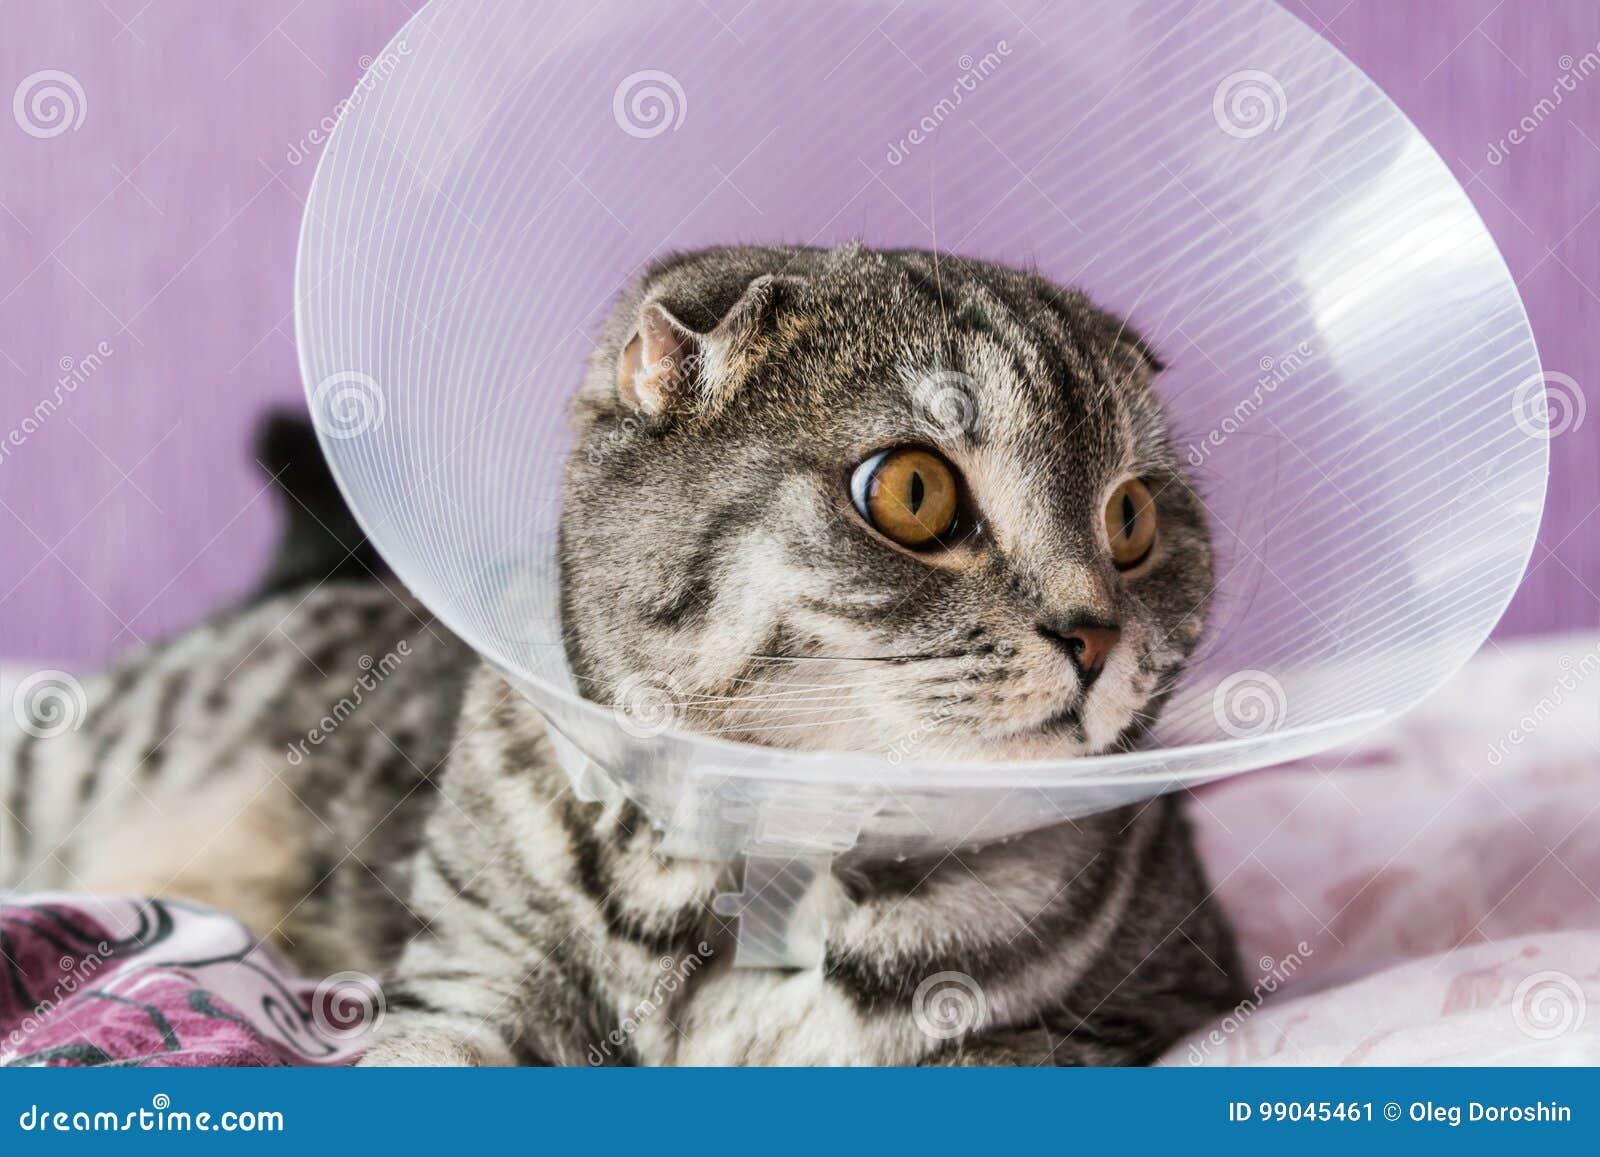 Άρρωστη σκωτσέζικη γάτα σε ένα πλαστικό προστατευτικό περιλαίμιο